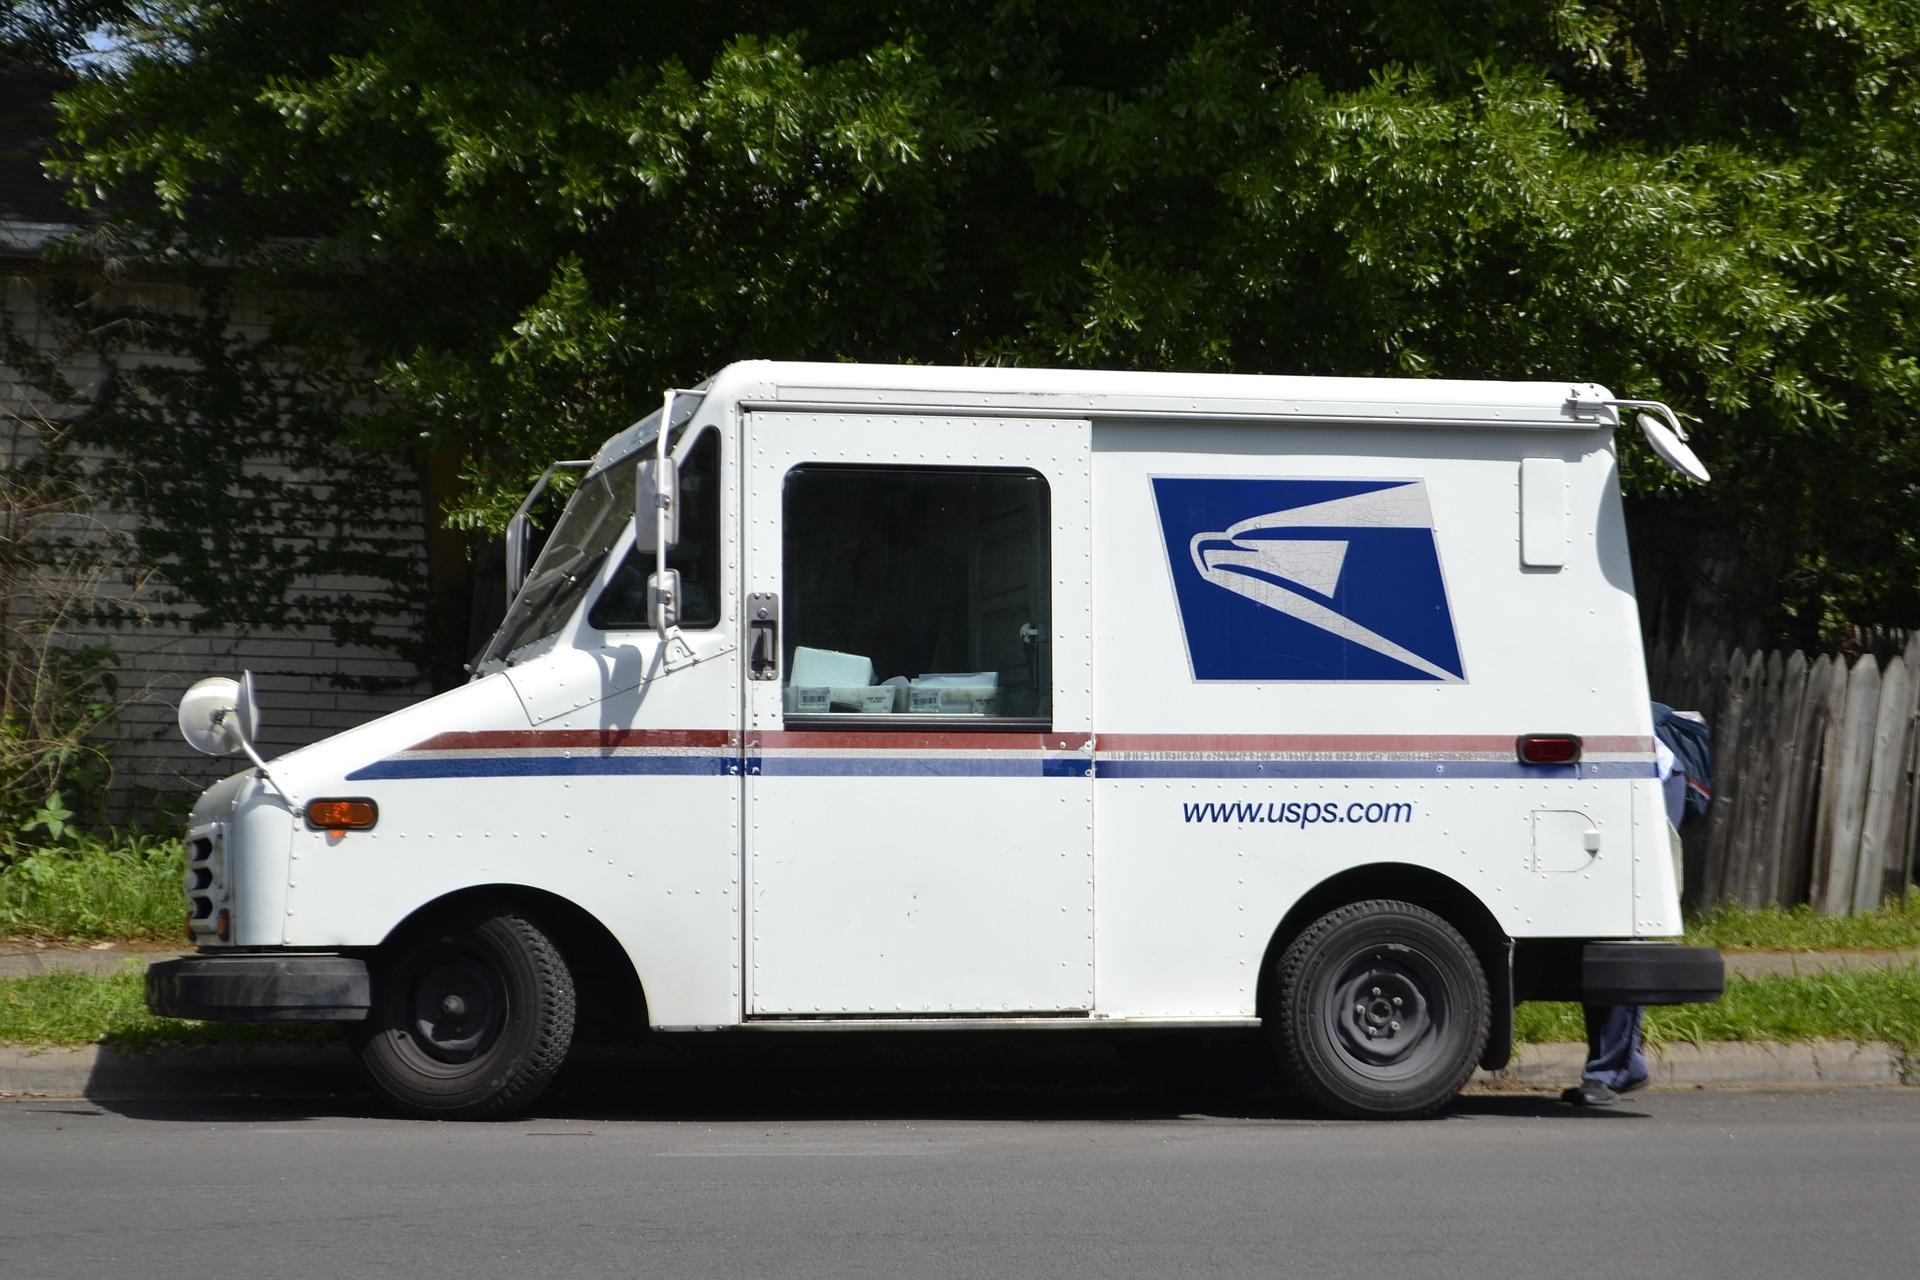 car, mail truck